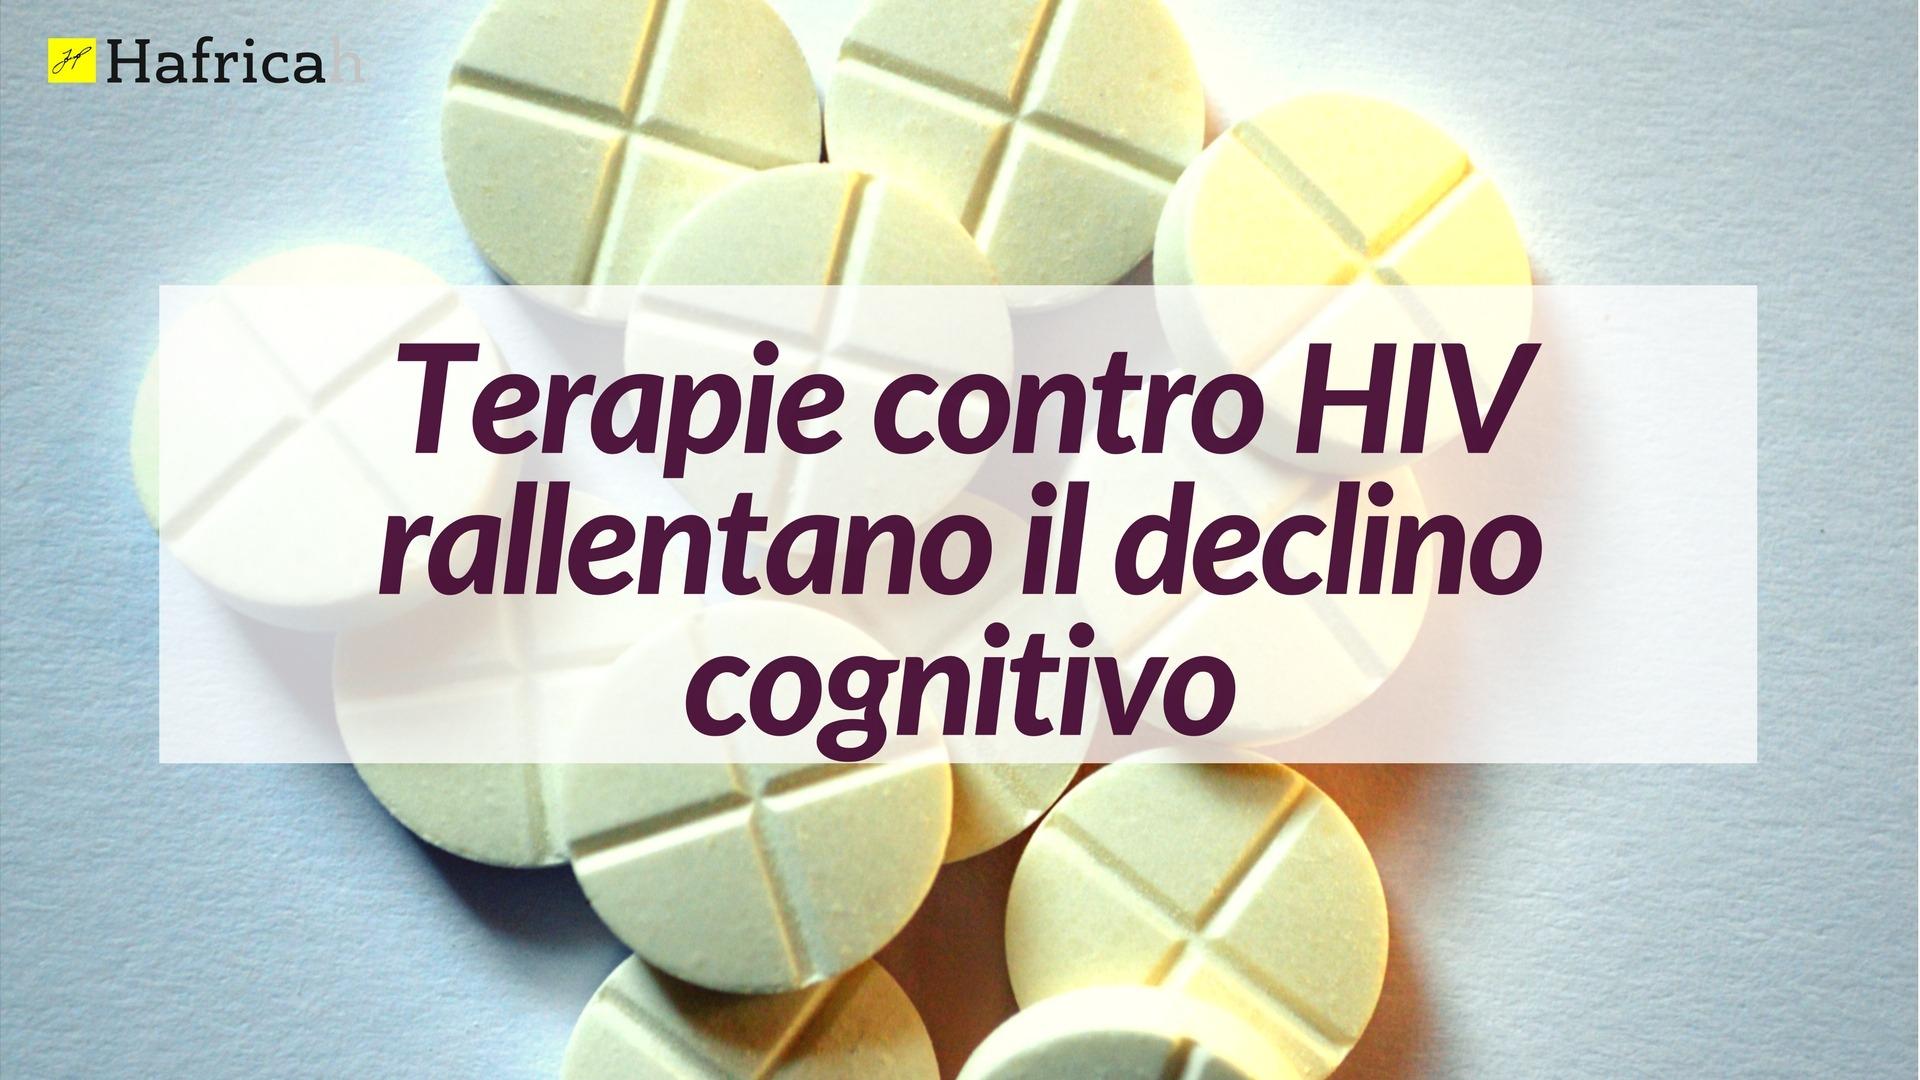 terapie hiv rallentano declino cognitivo